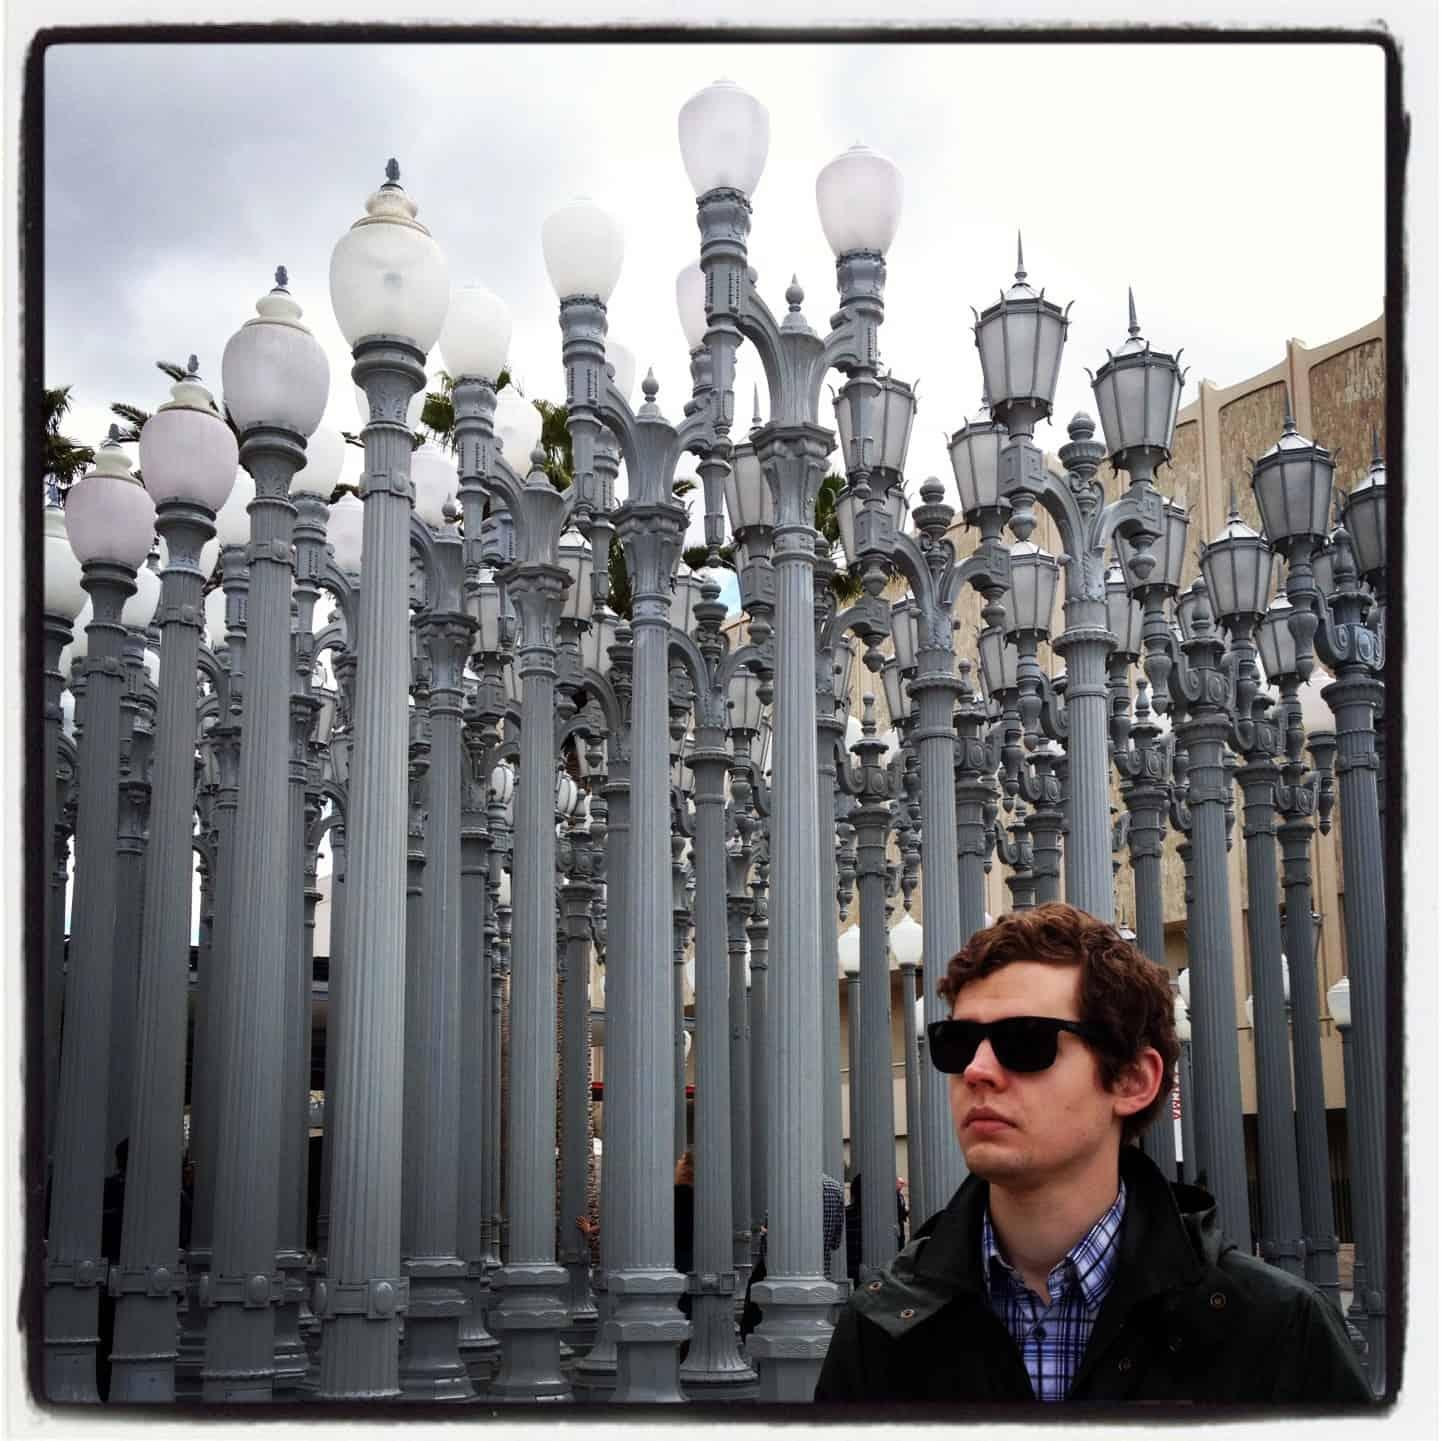 Jeron at the lanterns